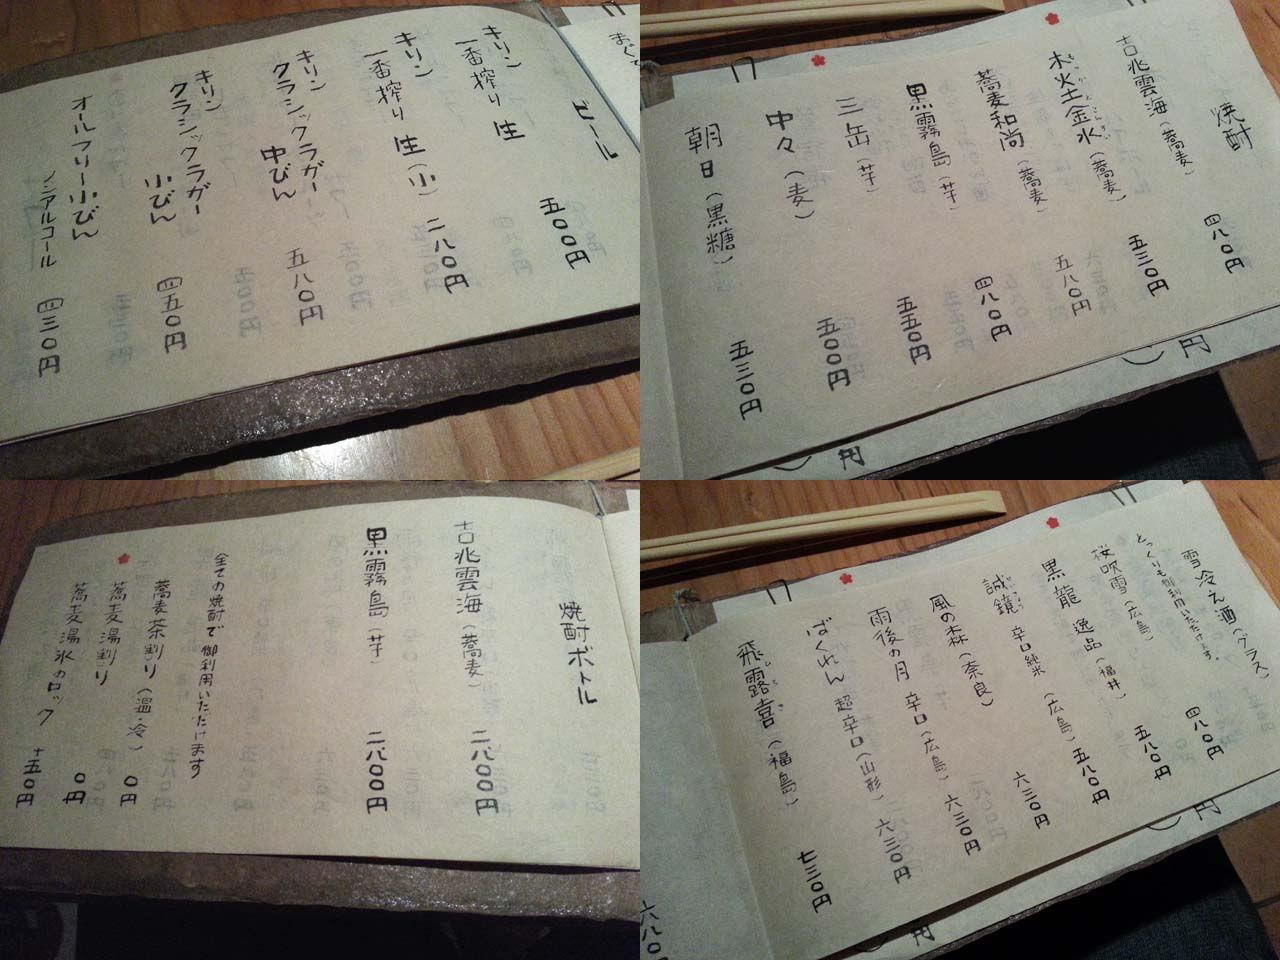 kaoriya_025.jpg